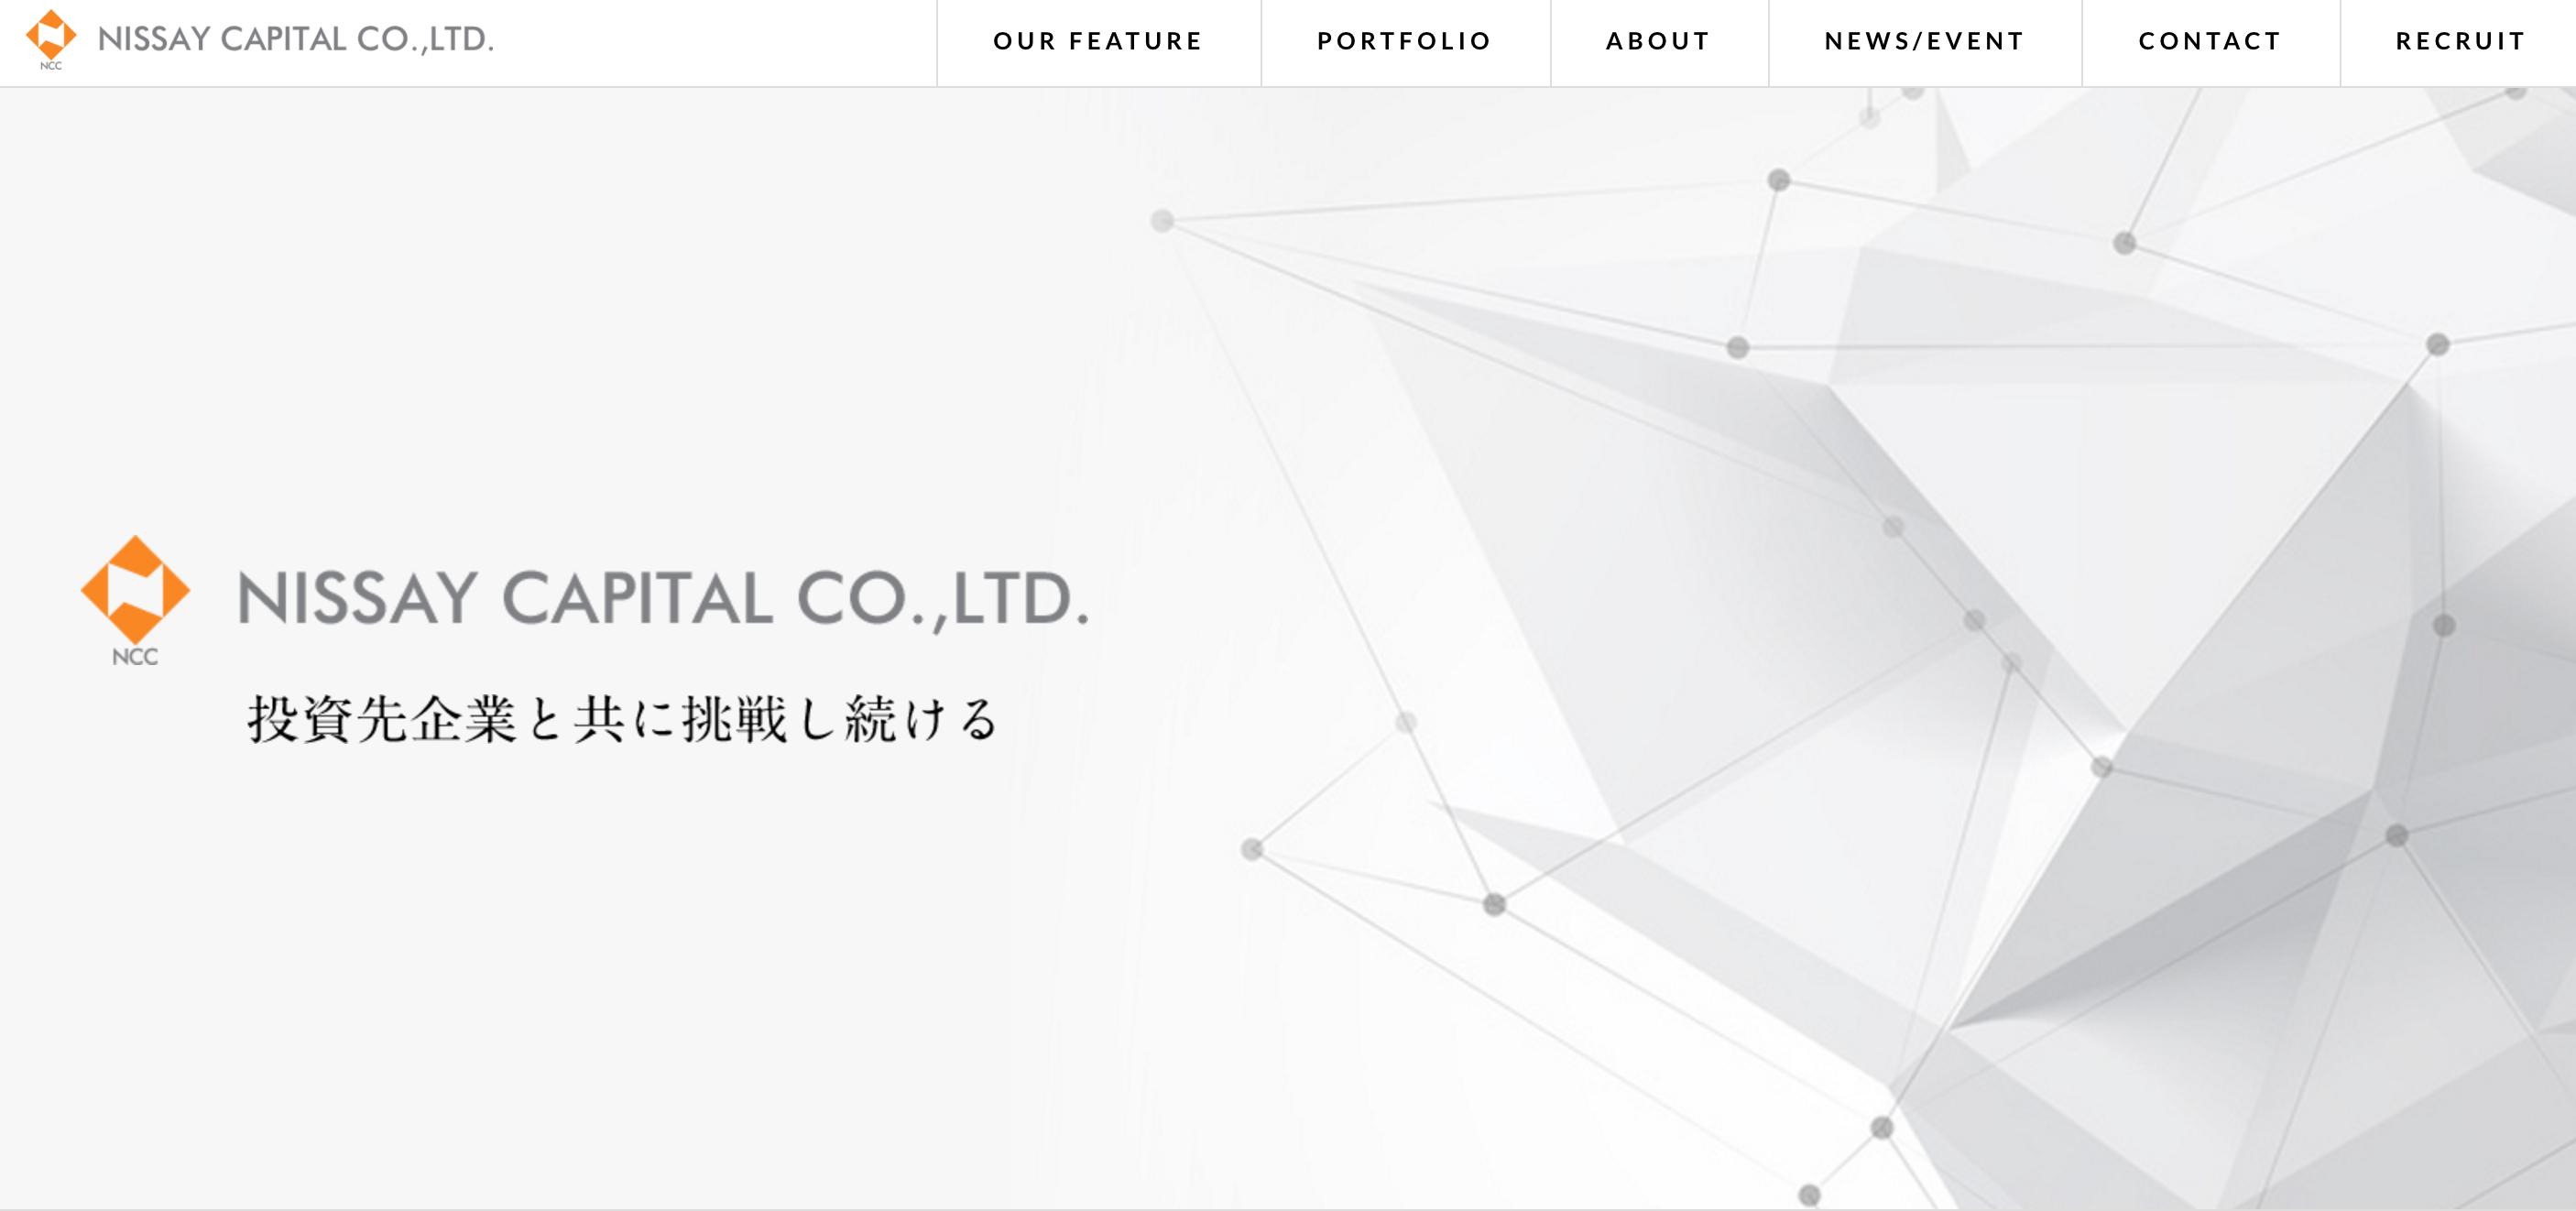 【2017年版】日本の 金融系 ベンチャーキャピタル VC 一覧 まとめ13選-ニッセイ・キャピタル